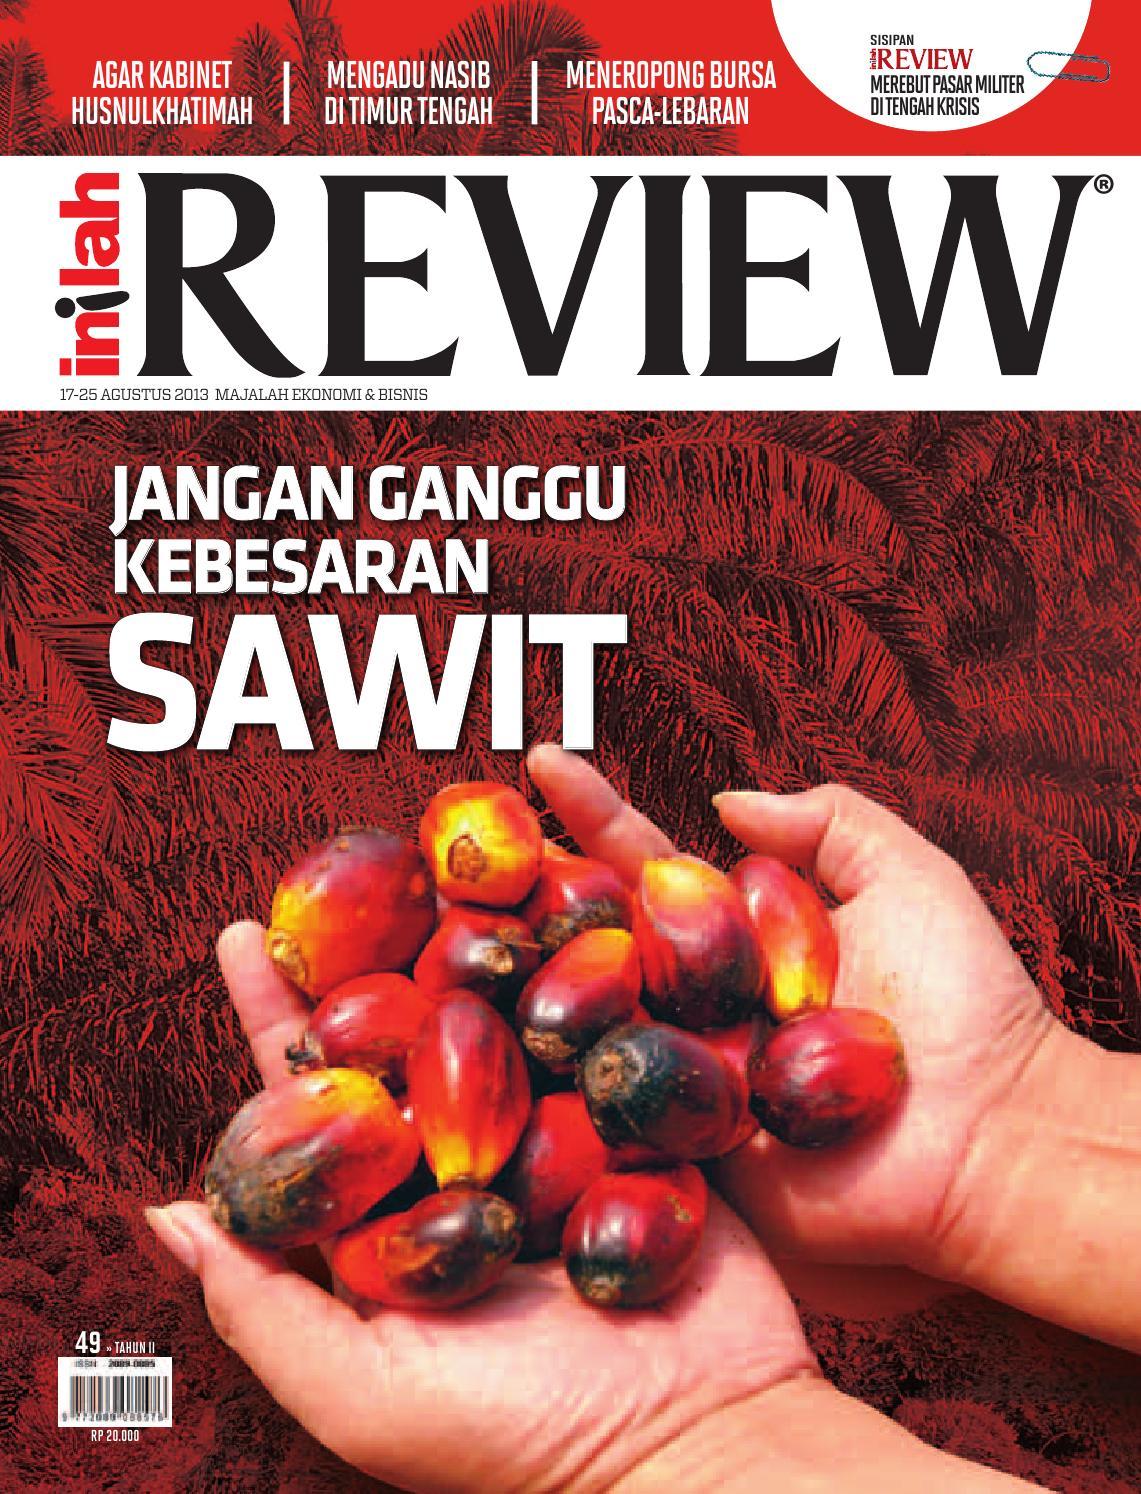 Inilahreview Edisi 49 Th Ii Low Res Full By Inilah Review Issuu Huawei Mifi Pahe Grapari Mataram